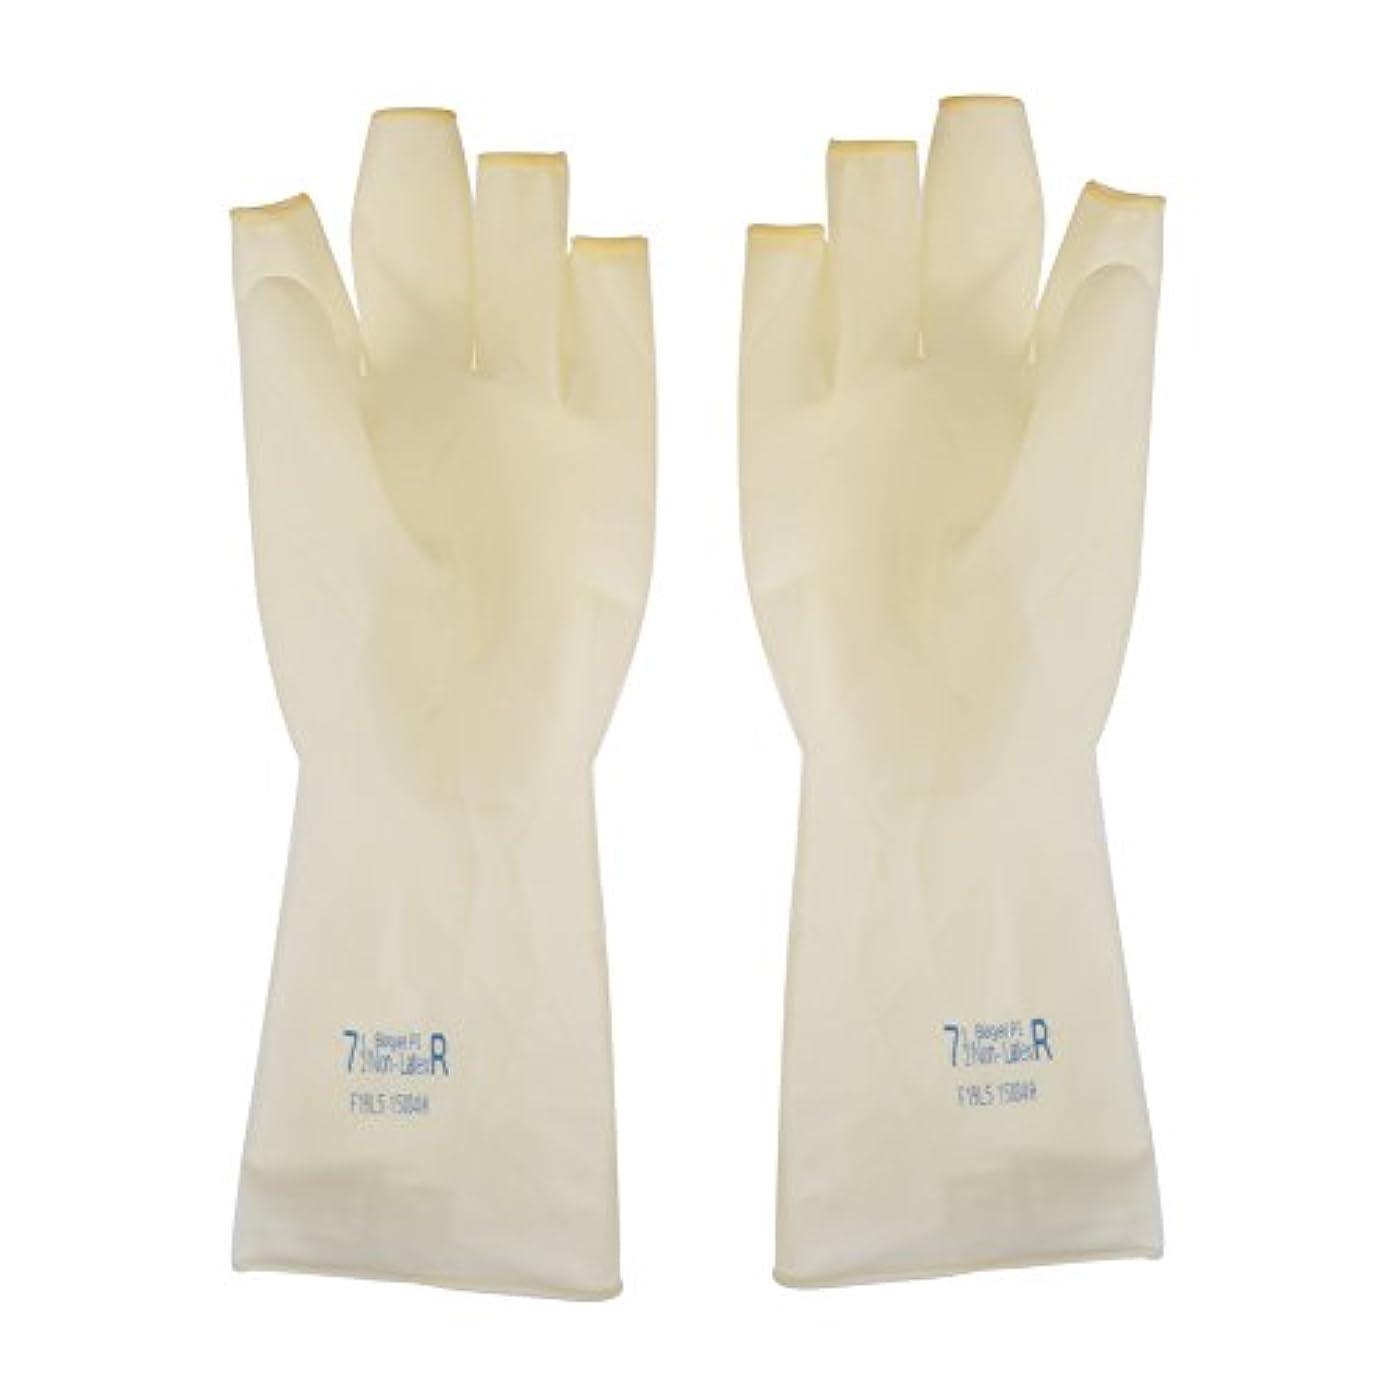 スラダム子供達頼るAEdiea 1ペア ゴム手袋   毛染め手袋 使い捨て 弾性 伸縮性 ヘアサロン サロンツール (M)